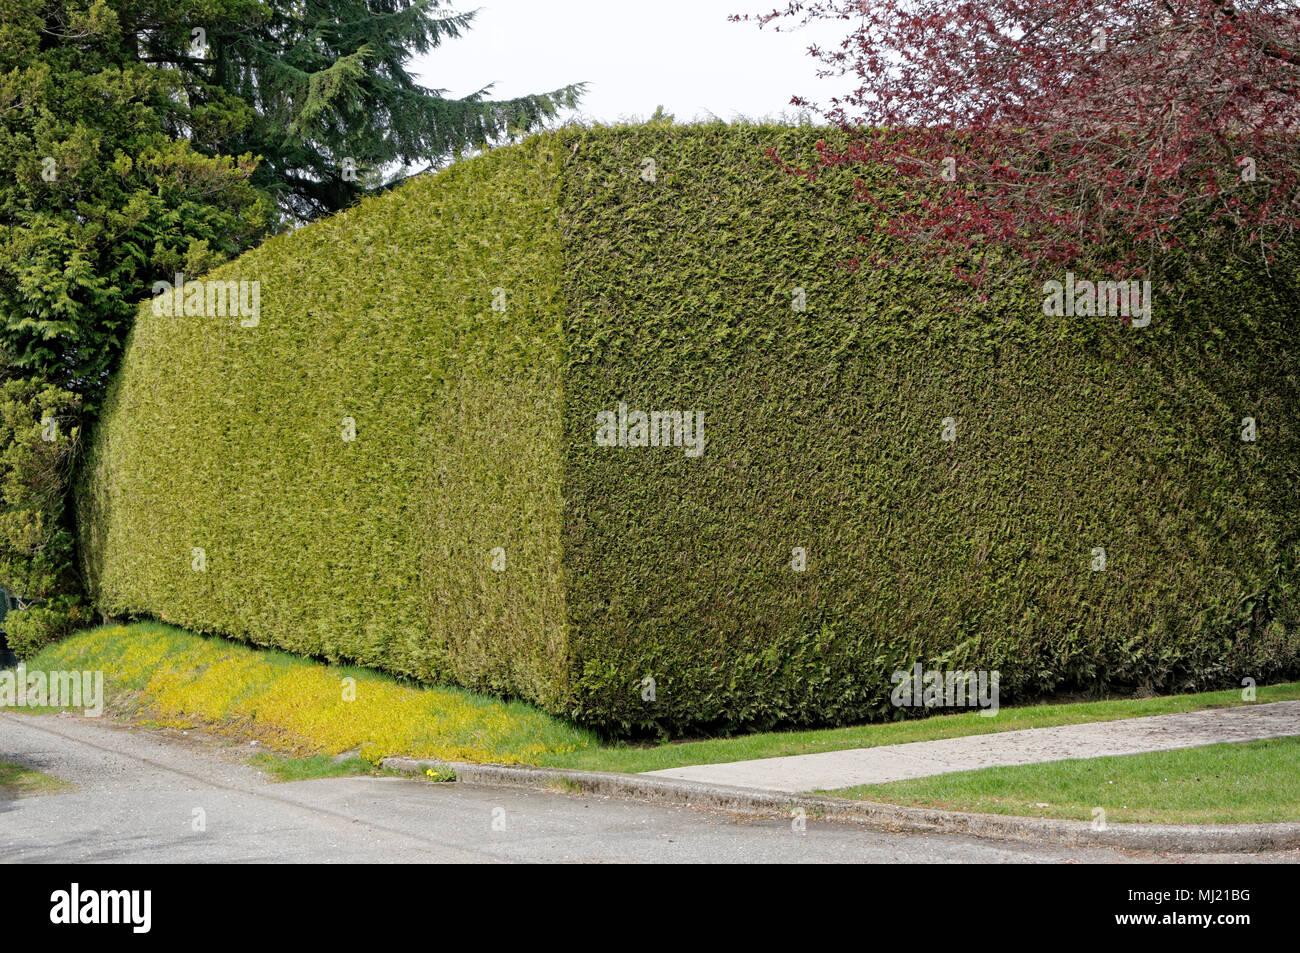 Sculpted Hedges Stockfotos und bilder Kaufen Alamy